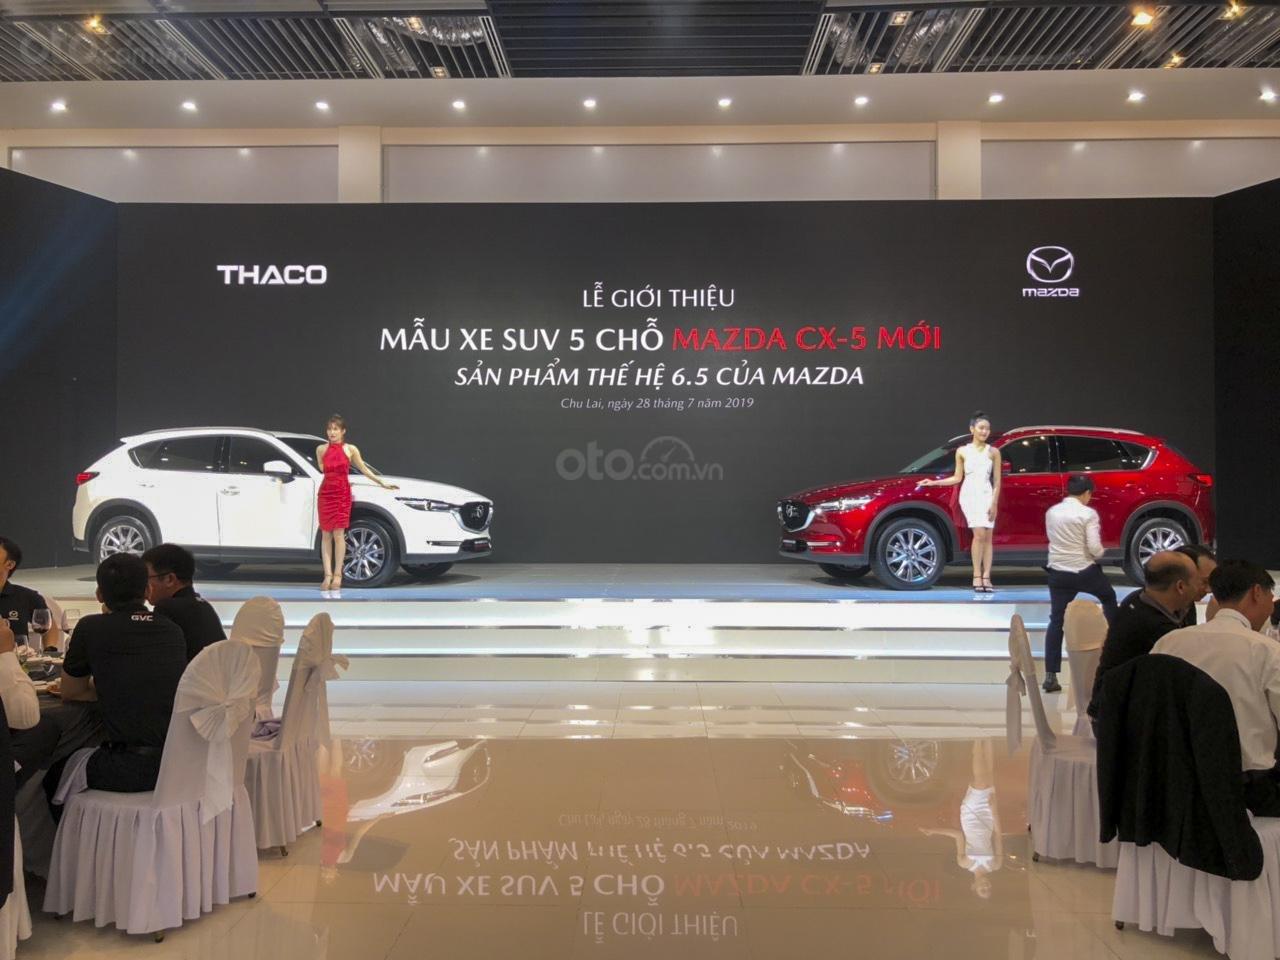 Vay mua xe Mazda CX-5 2019 trả góp tại ngân hàng nào lãi suất thấp nhất? 1a